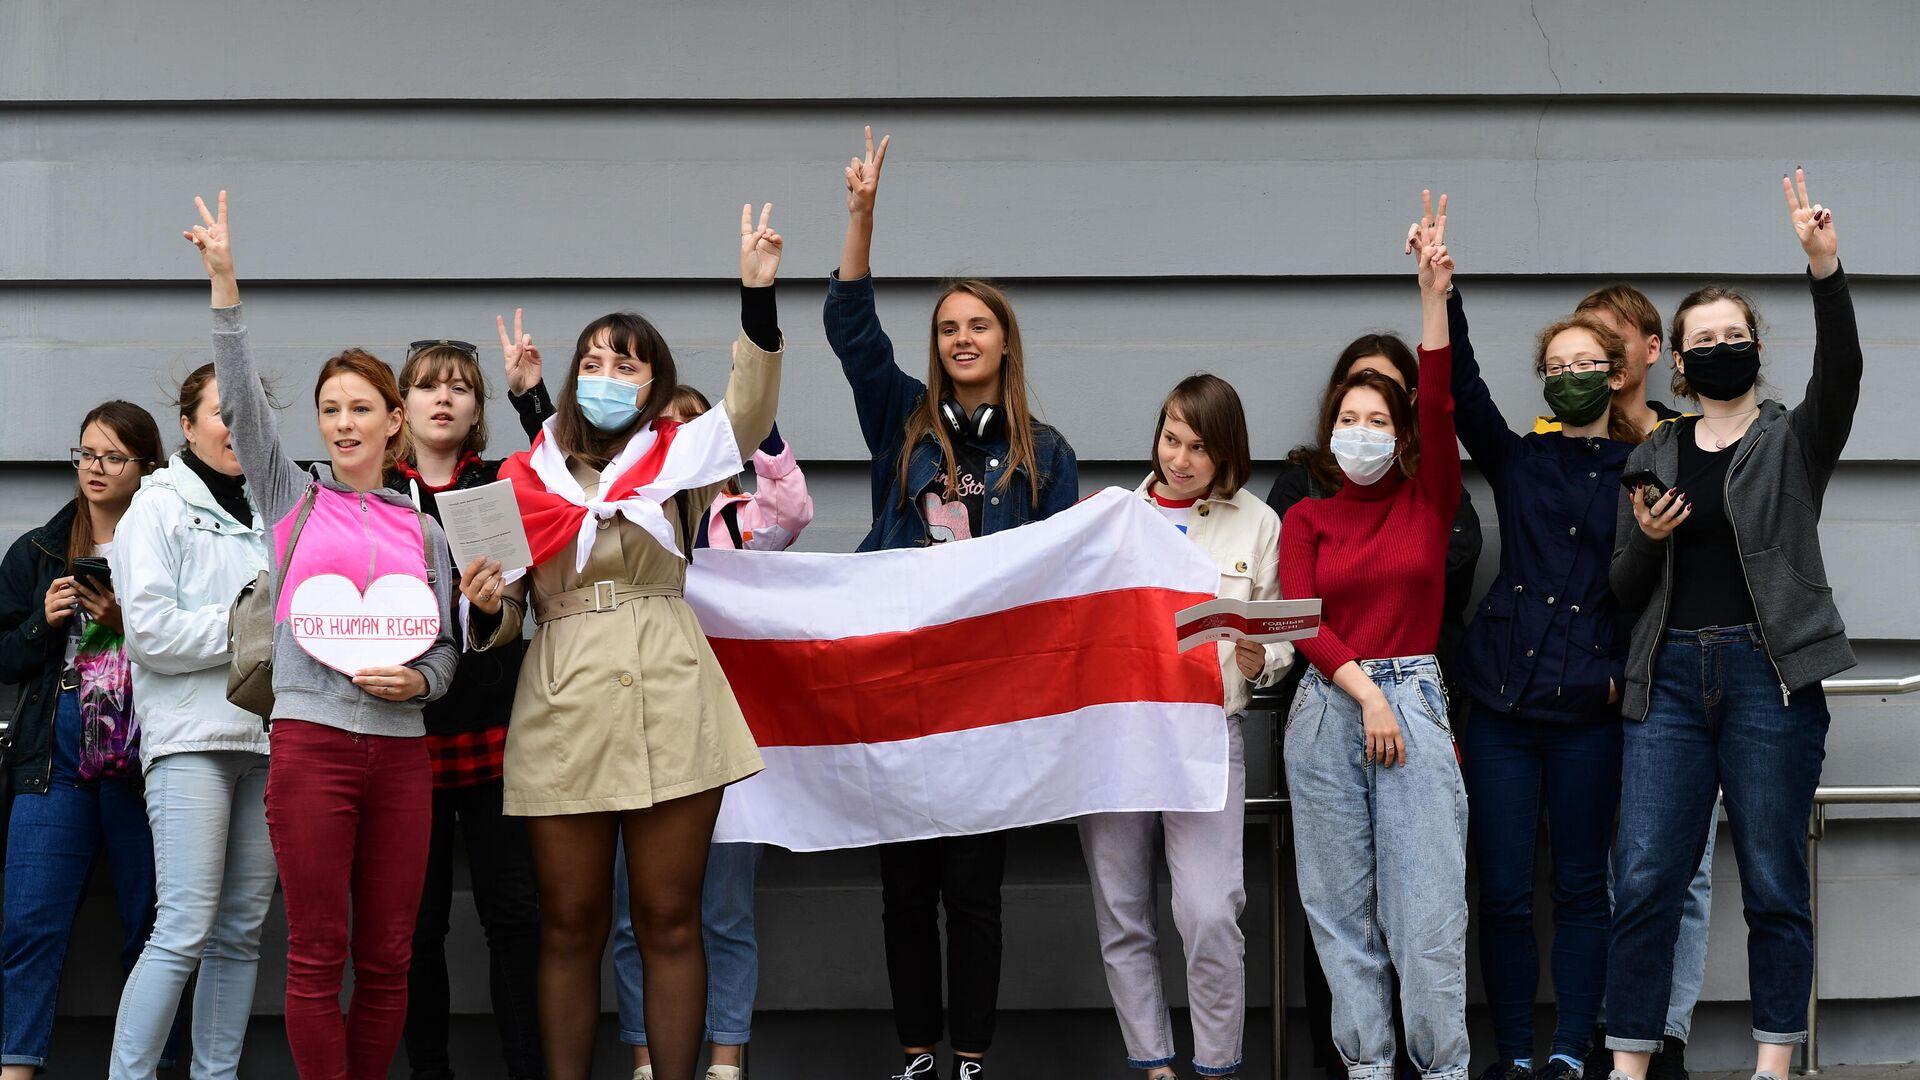 Студенты Минского лингвистического университета принимают участие в акции протеста - РИА Новости, 1920 г., 13 ноября 2020 г.